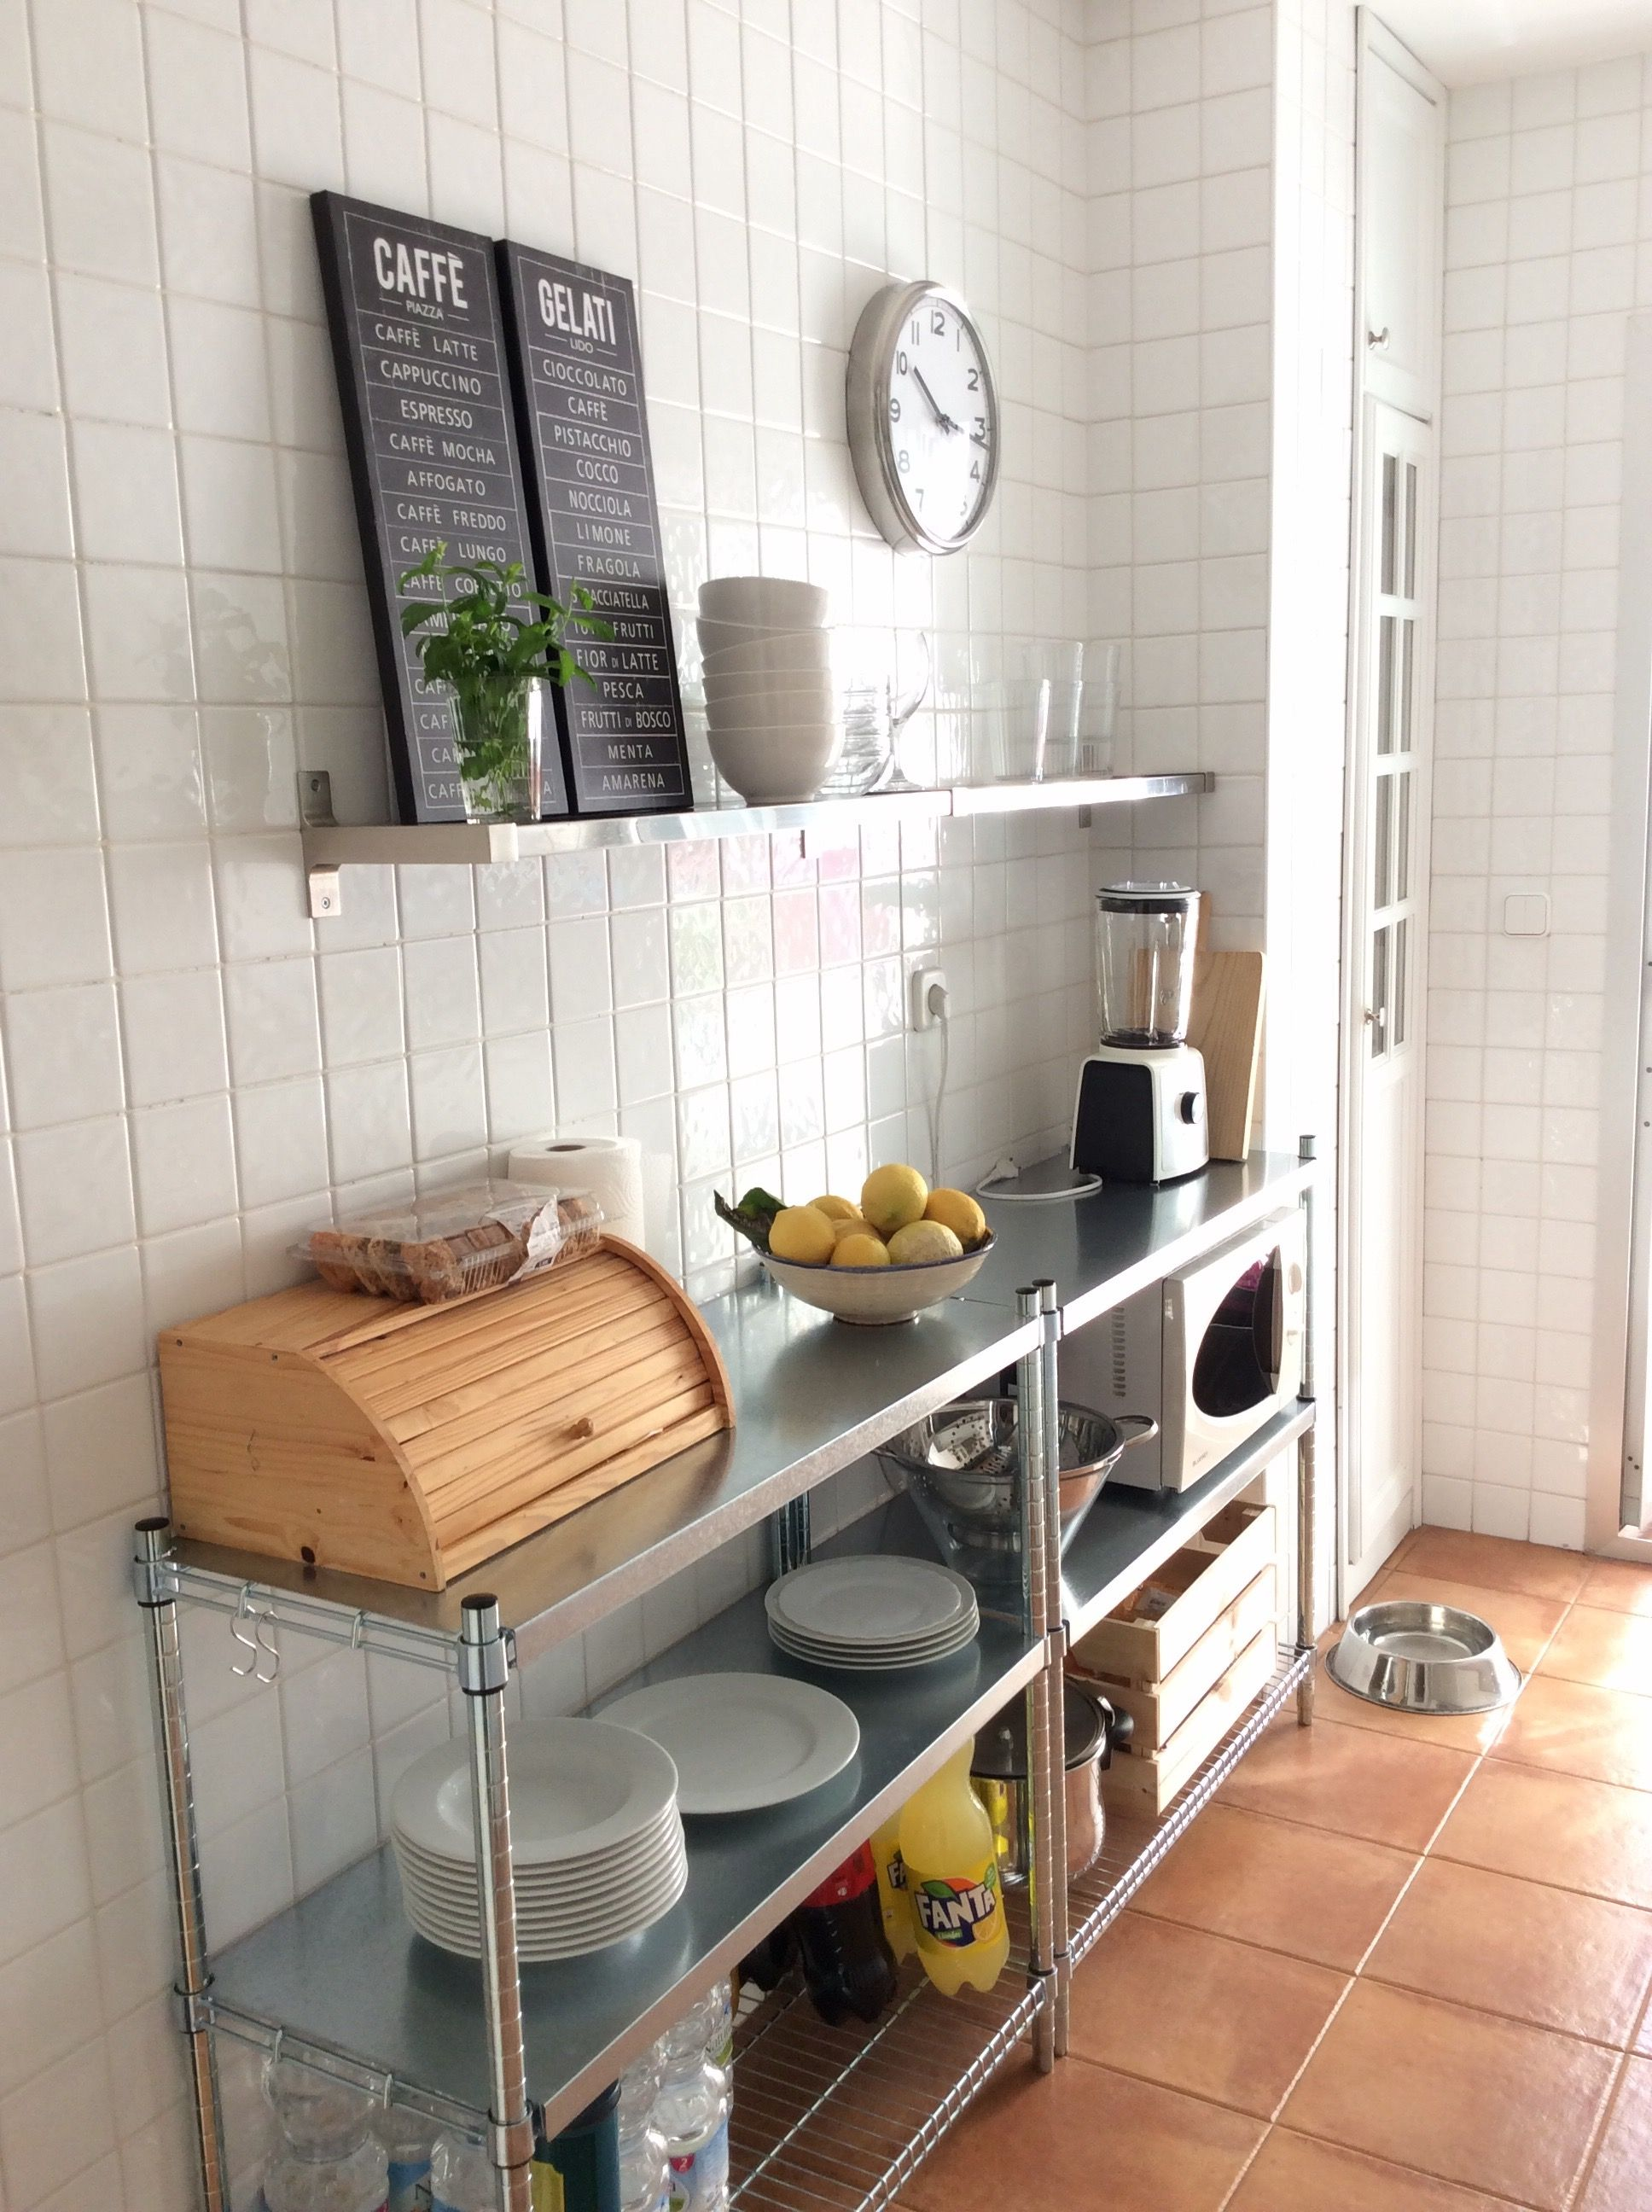 Cocina renovada con estanter as omar de ikea cocinas en for Estanterias para cocina ikea